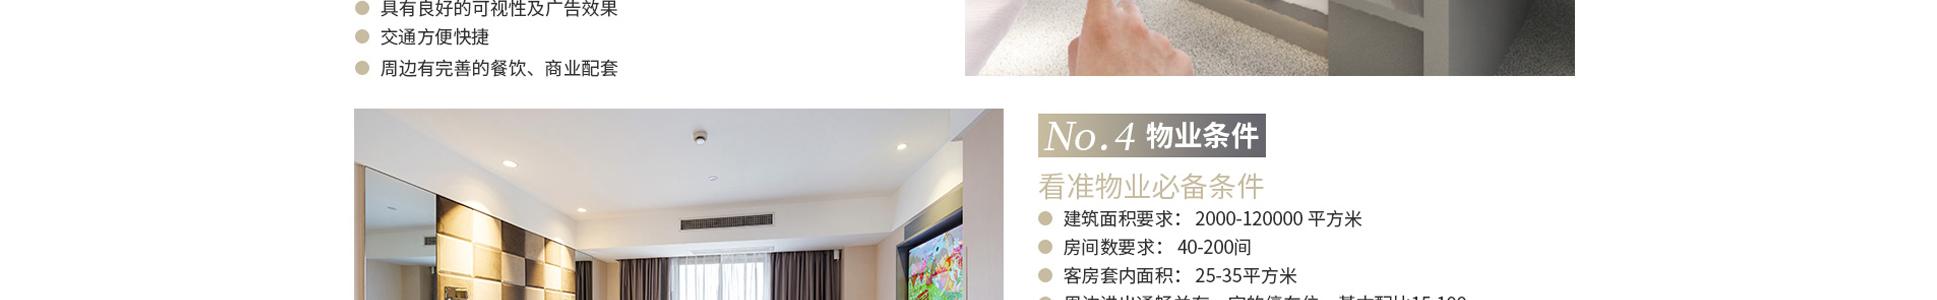 Zsmart智尚酒店zsjd_20